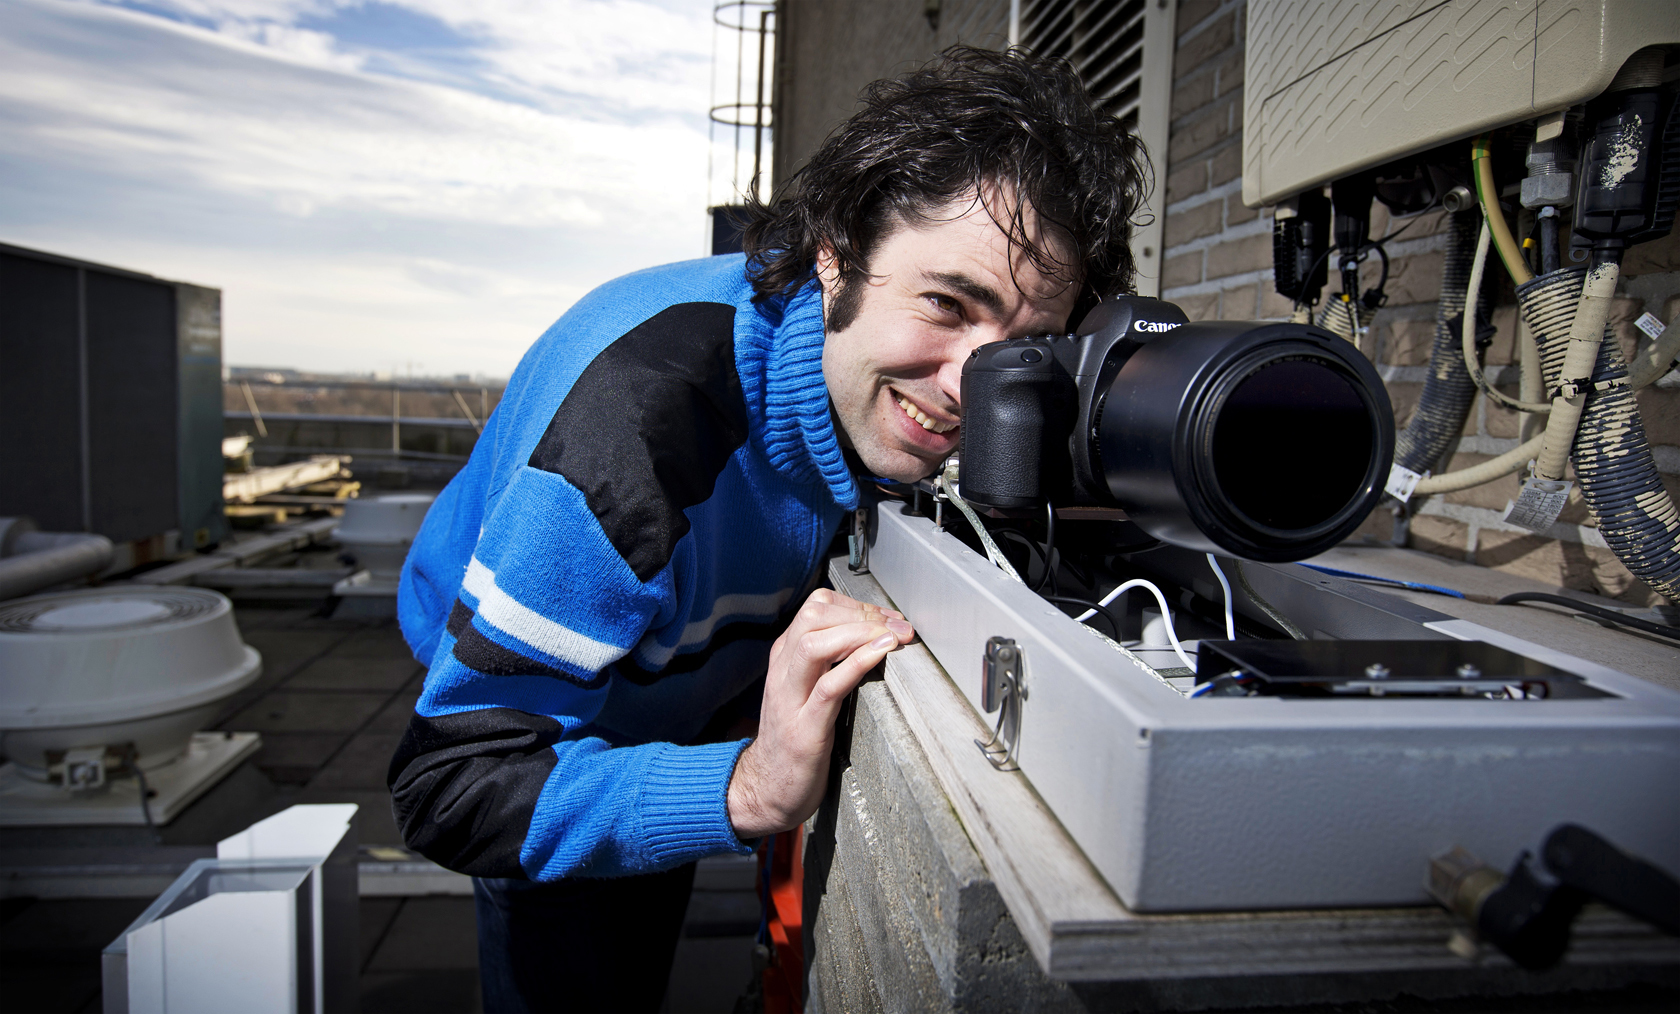 Foto: fotograaf kijkt door zijn lens